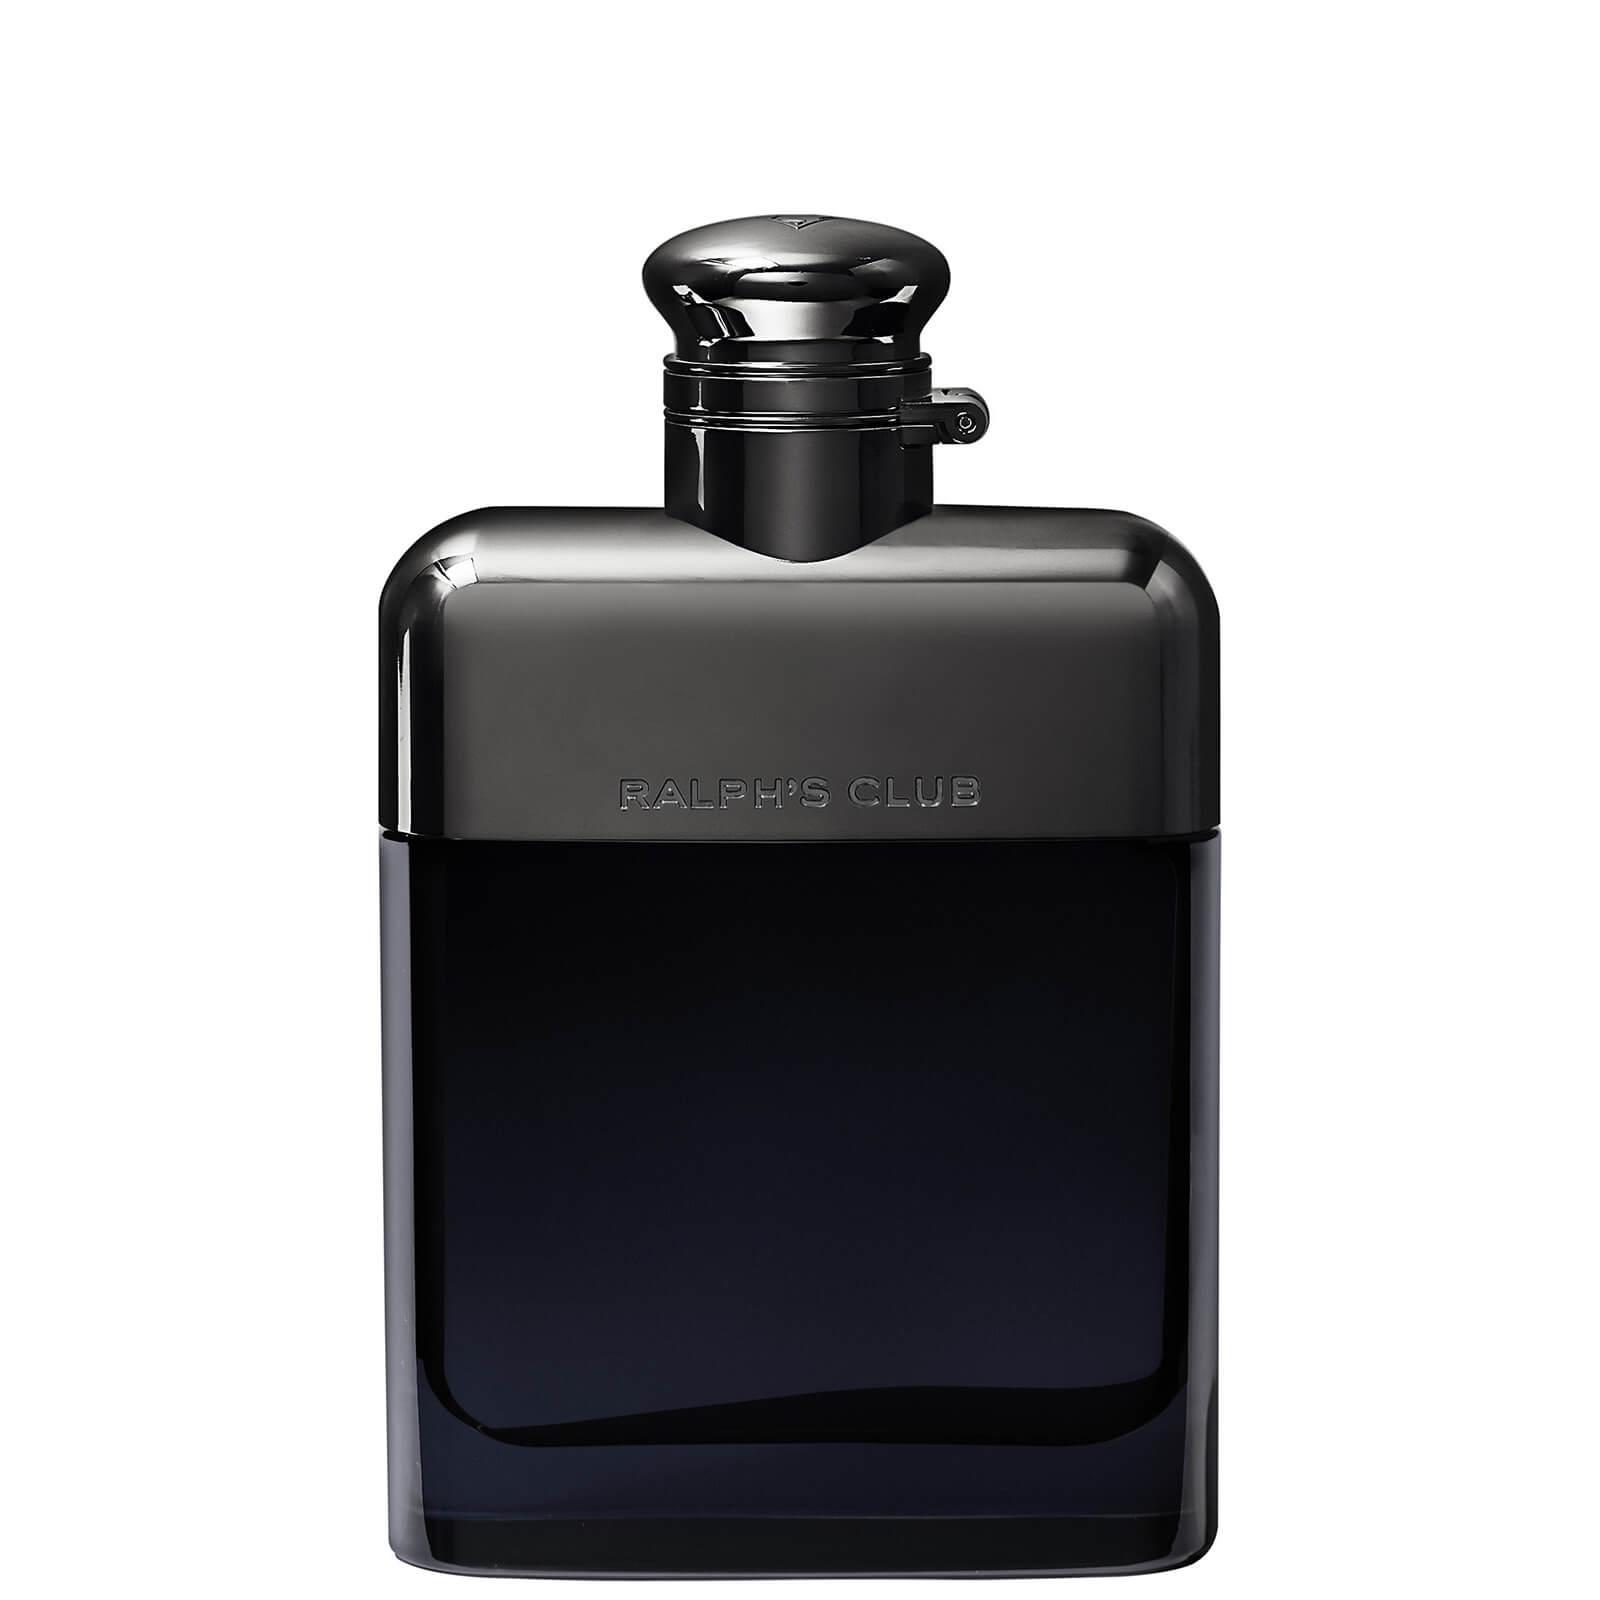 Купить Ralph Lauren Ralph's Club Eau de Parfum (Various Sizes) - 100ml